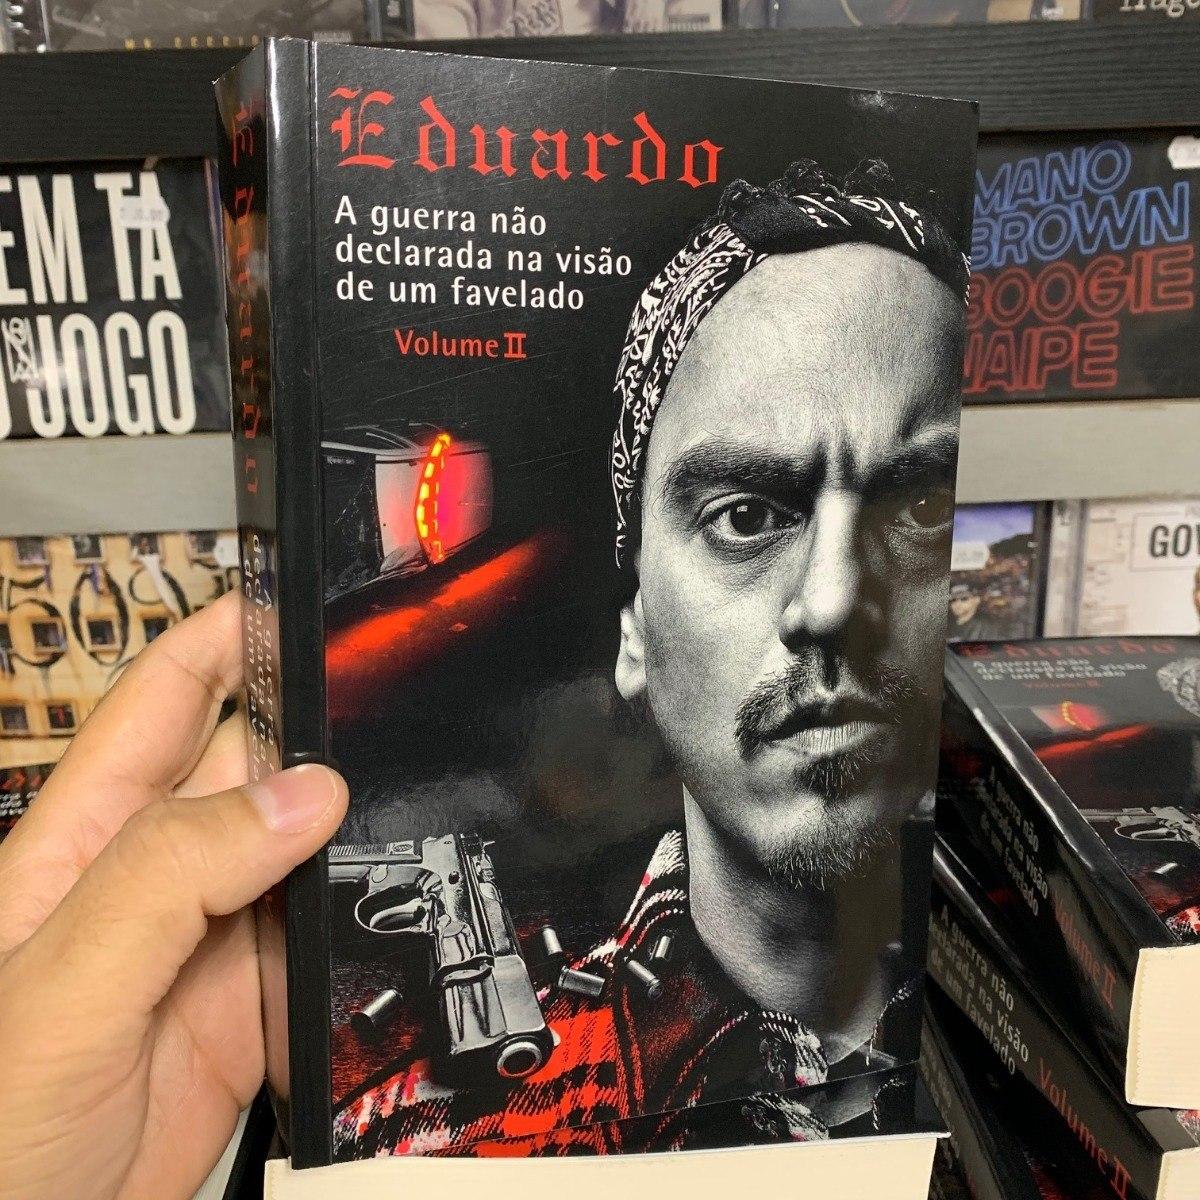 Eduardo A Guerra Nao Declarada Na Visao De Um Favelado Volum R